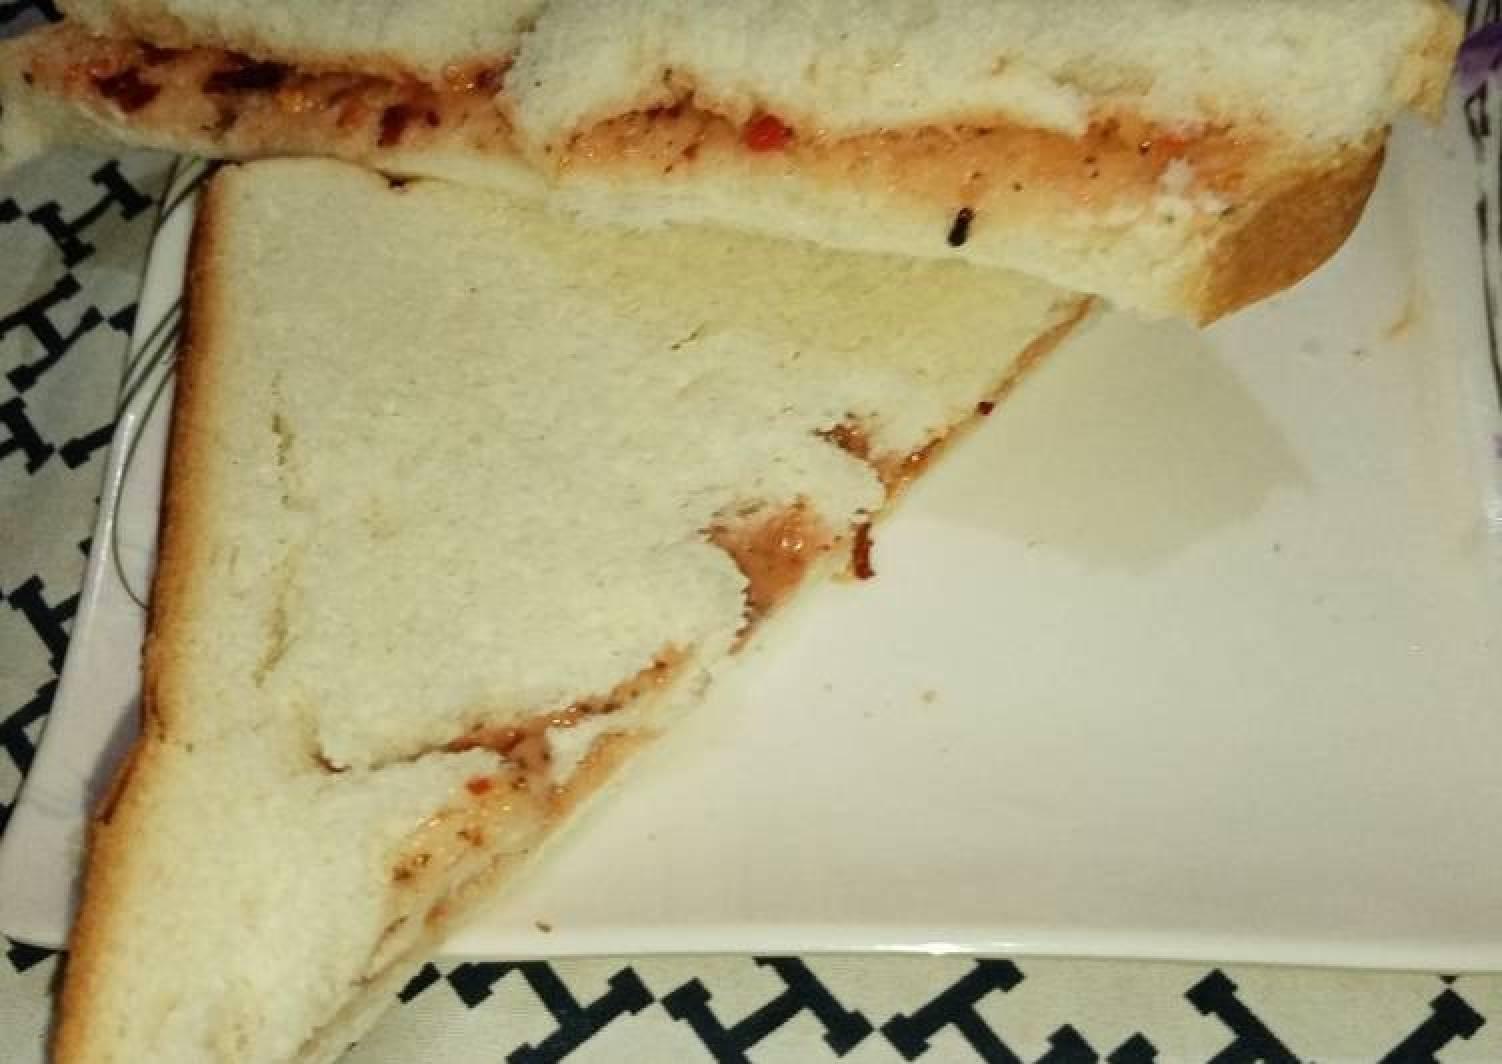 Peri peri sandwich